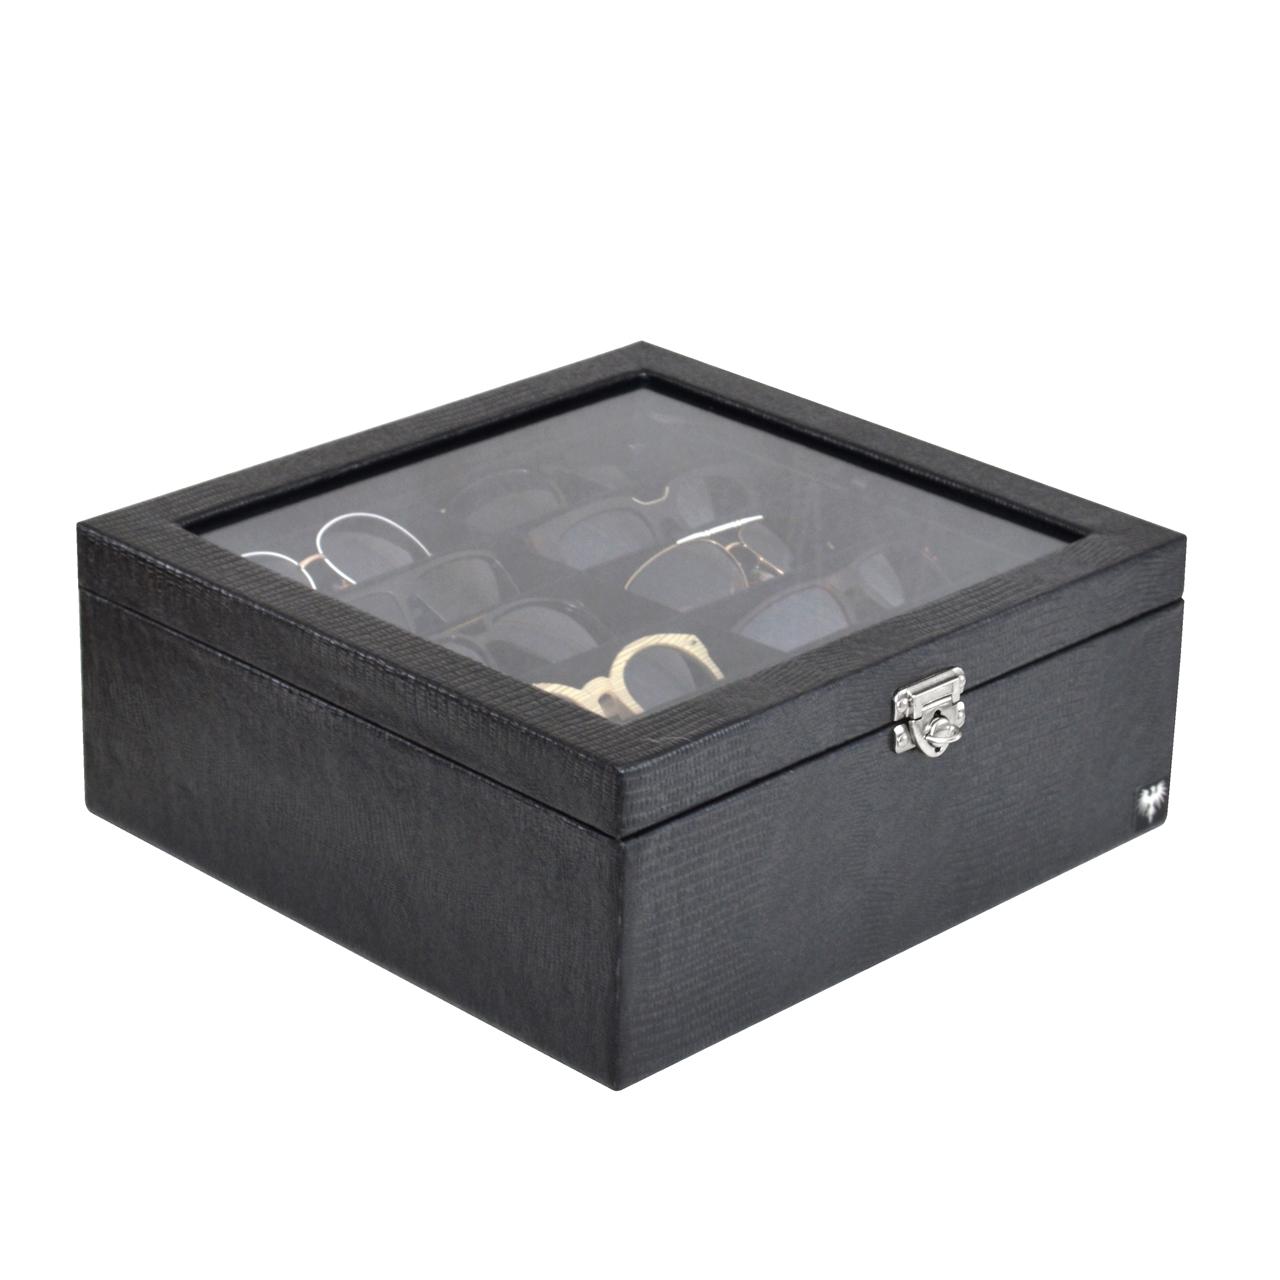 estojo-couro-ecologico-20-oculos-preto-preto-porta-caixa-imagem-2.jpg